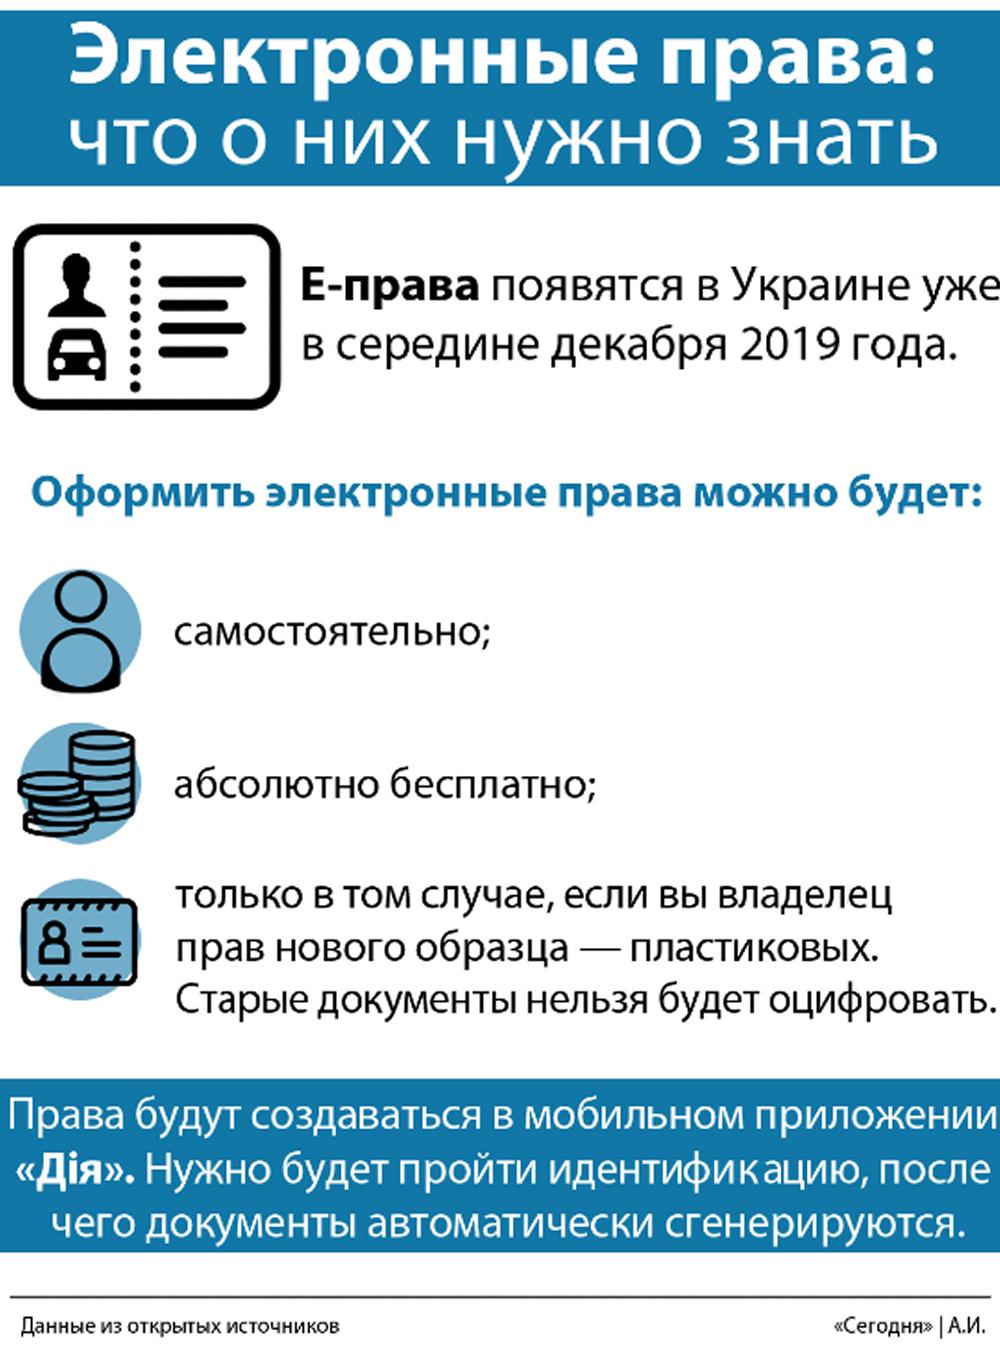 Украинцы получат электронные водительские права: что это и как будет работать